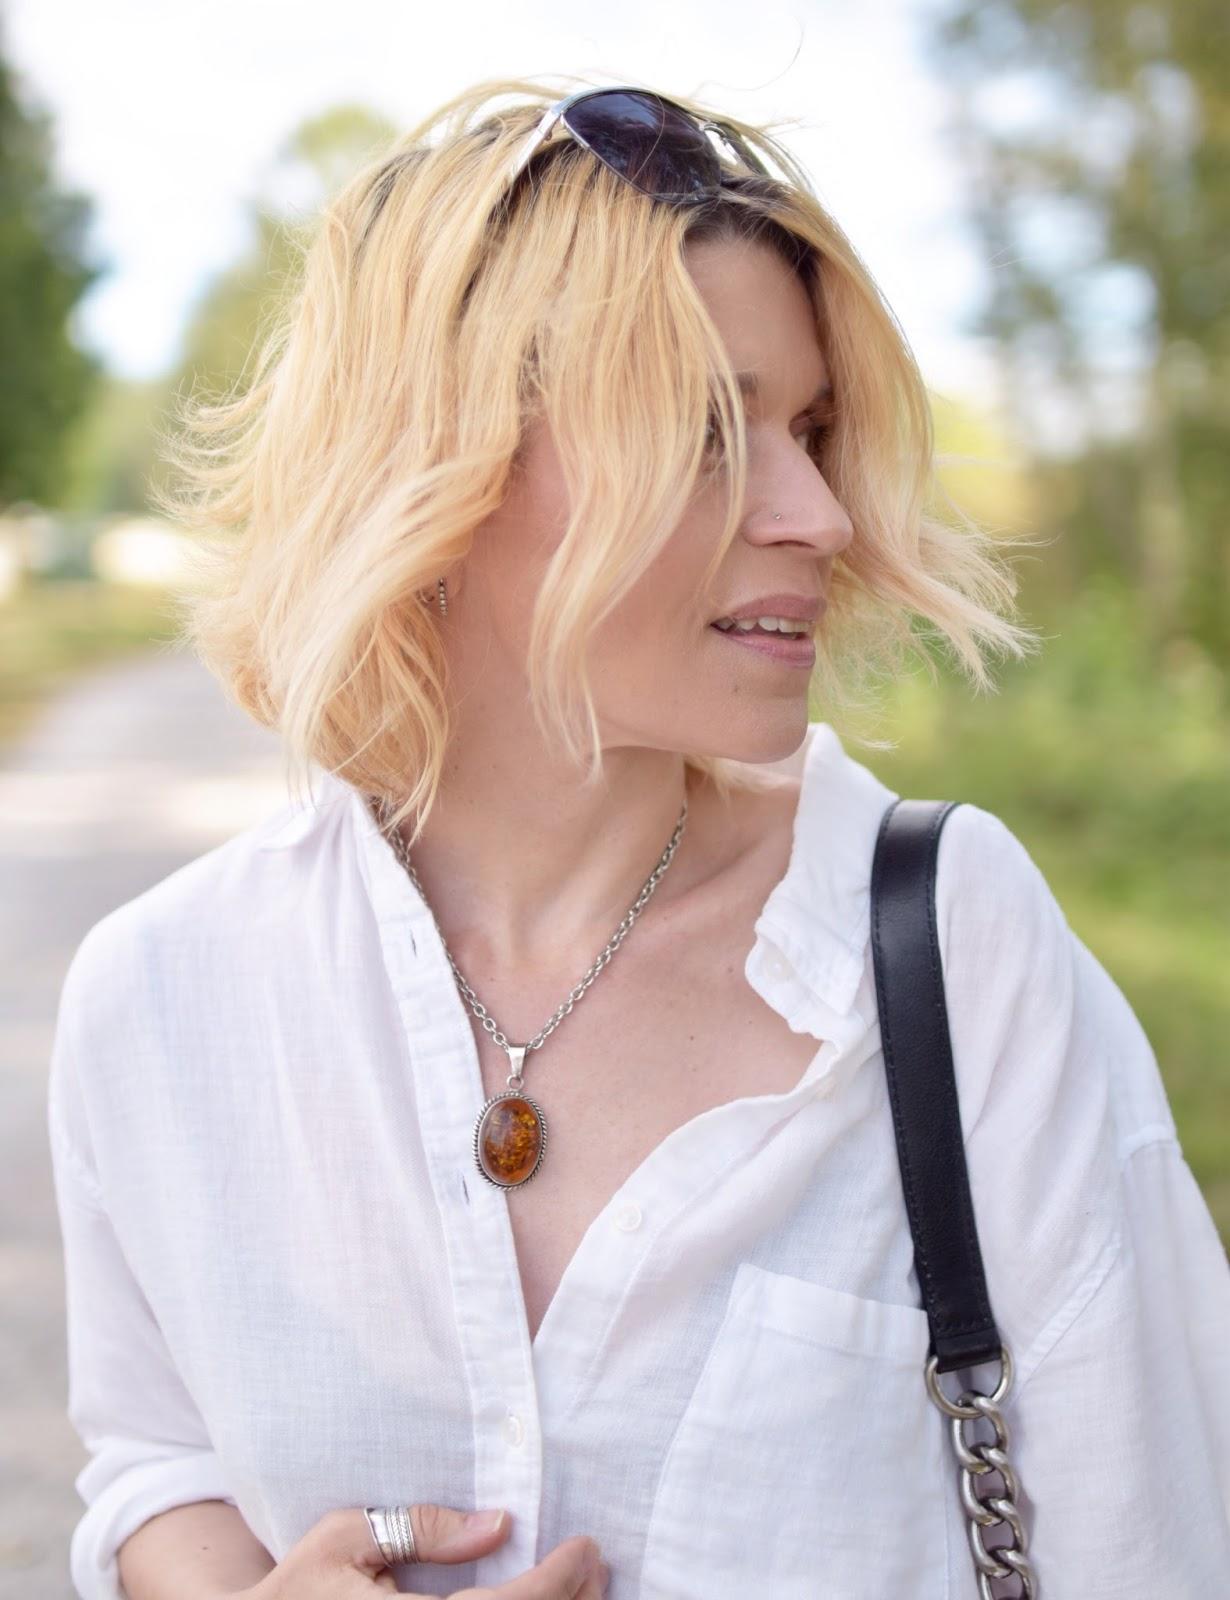 white linen shirt, amber pendant